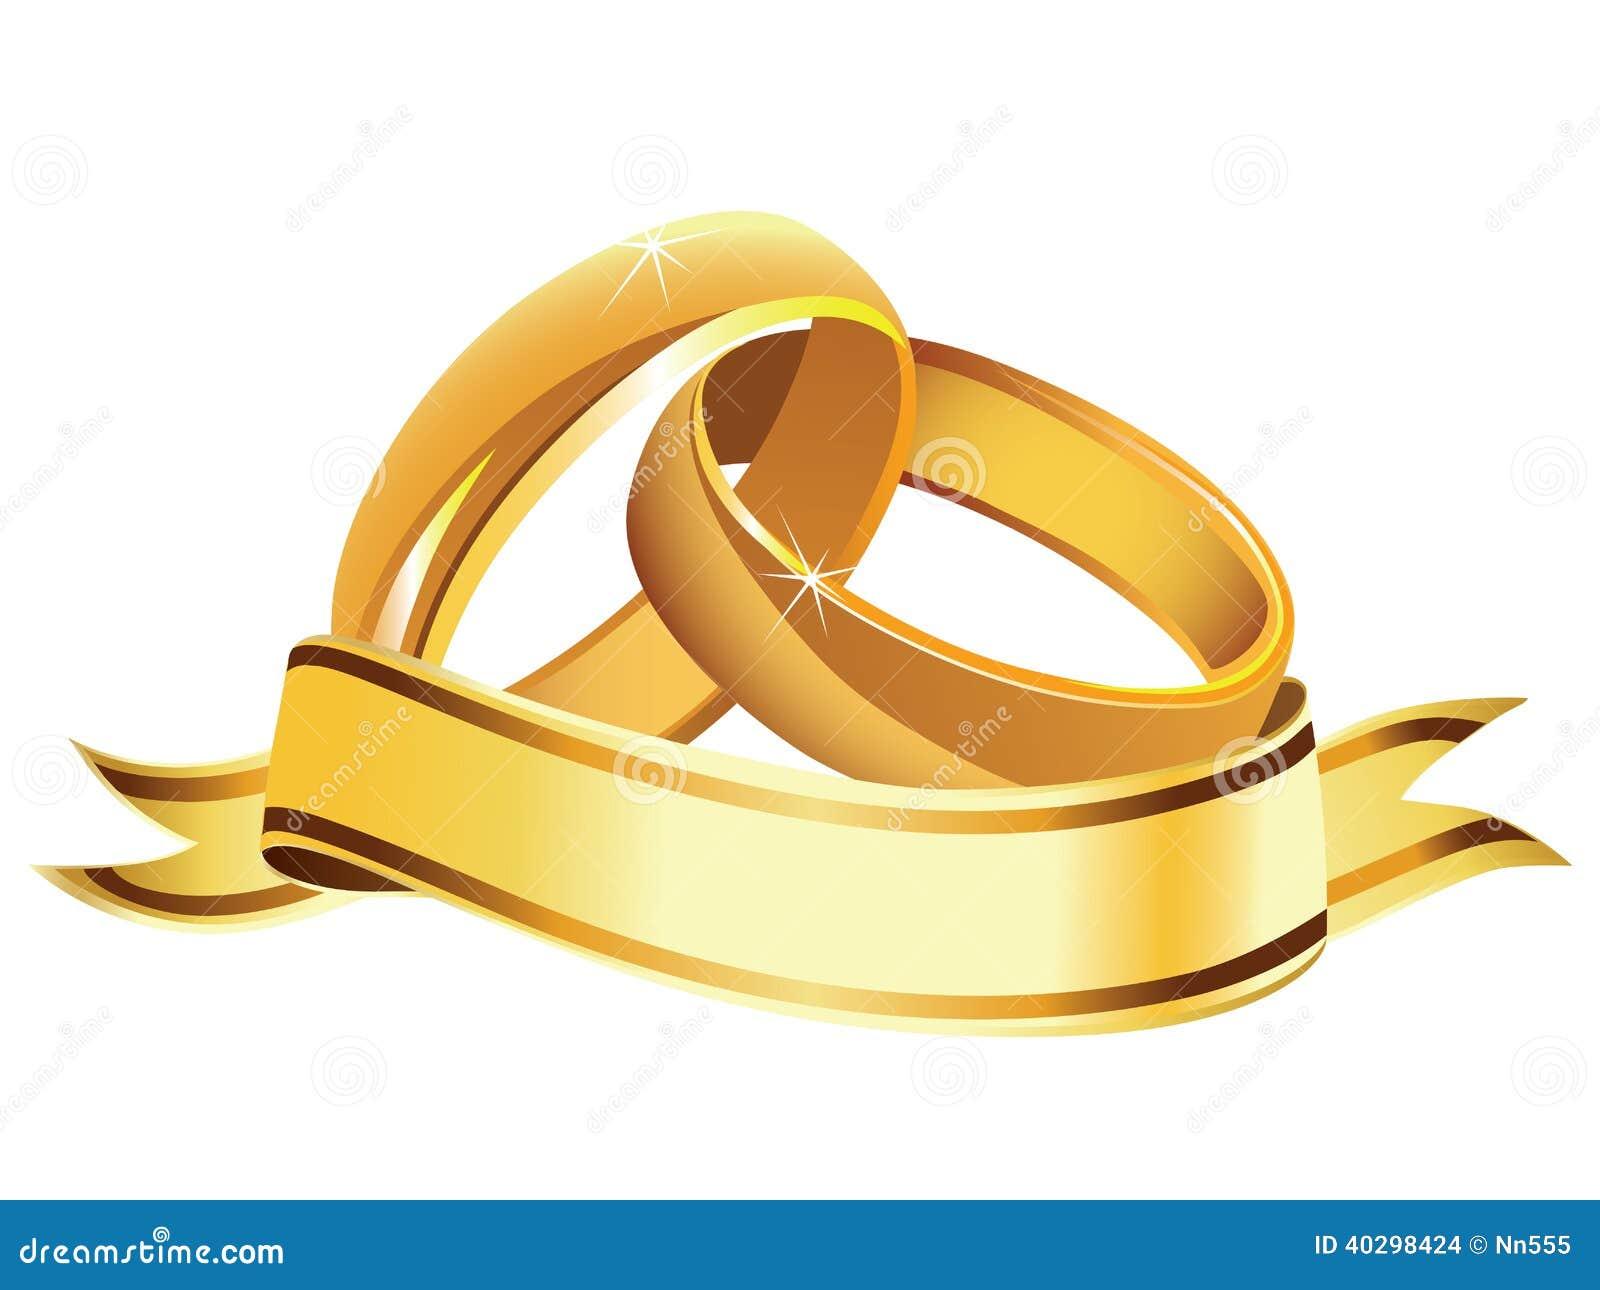 Ilustração do vetor das alianças de casamento isoladas com bandeira ...